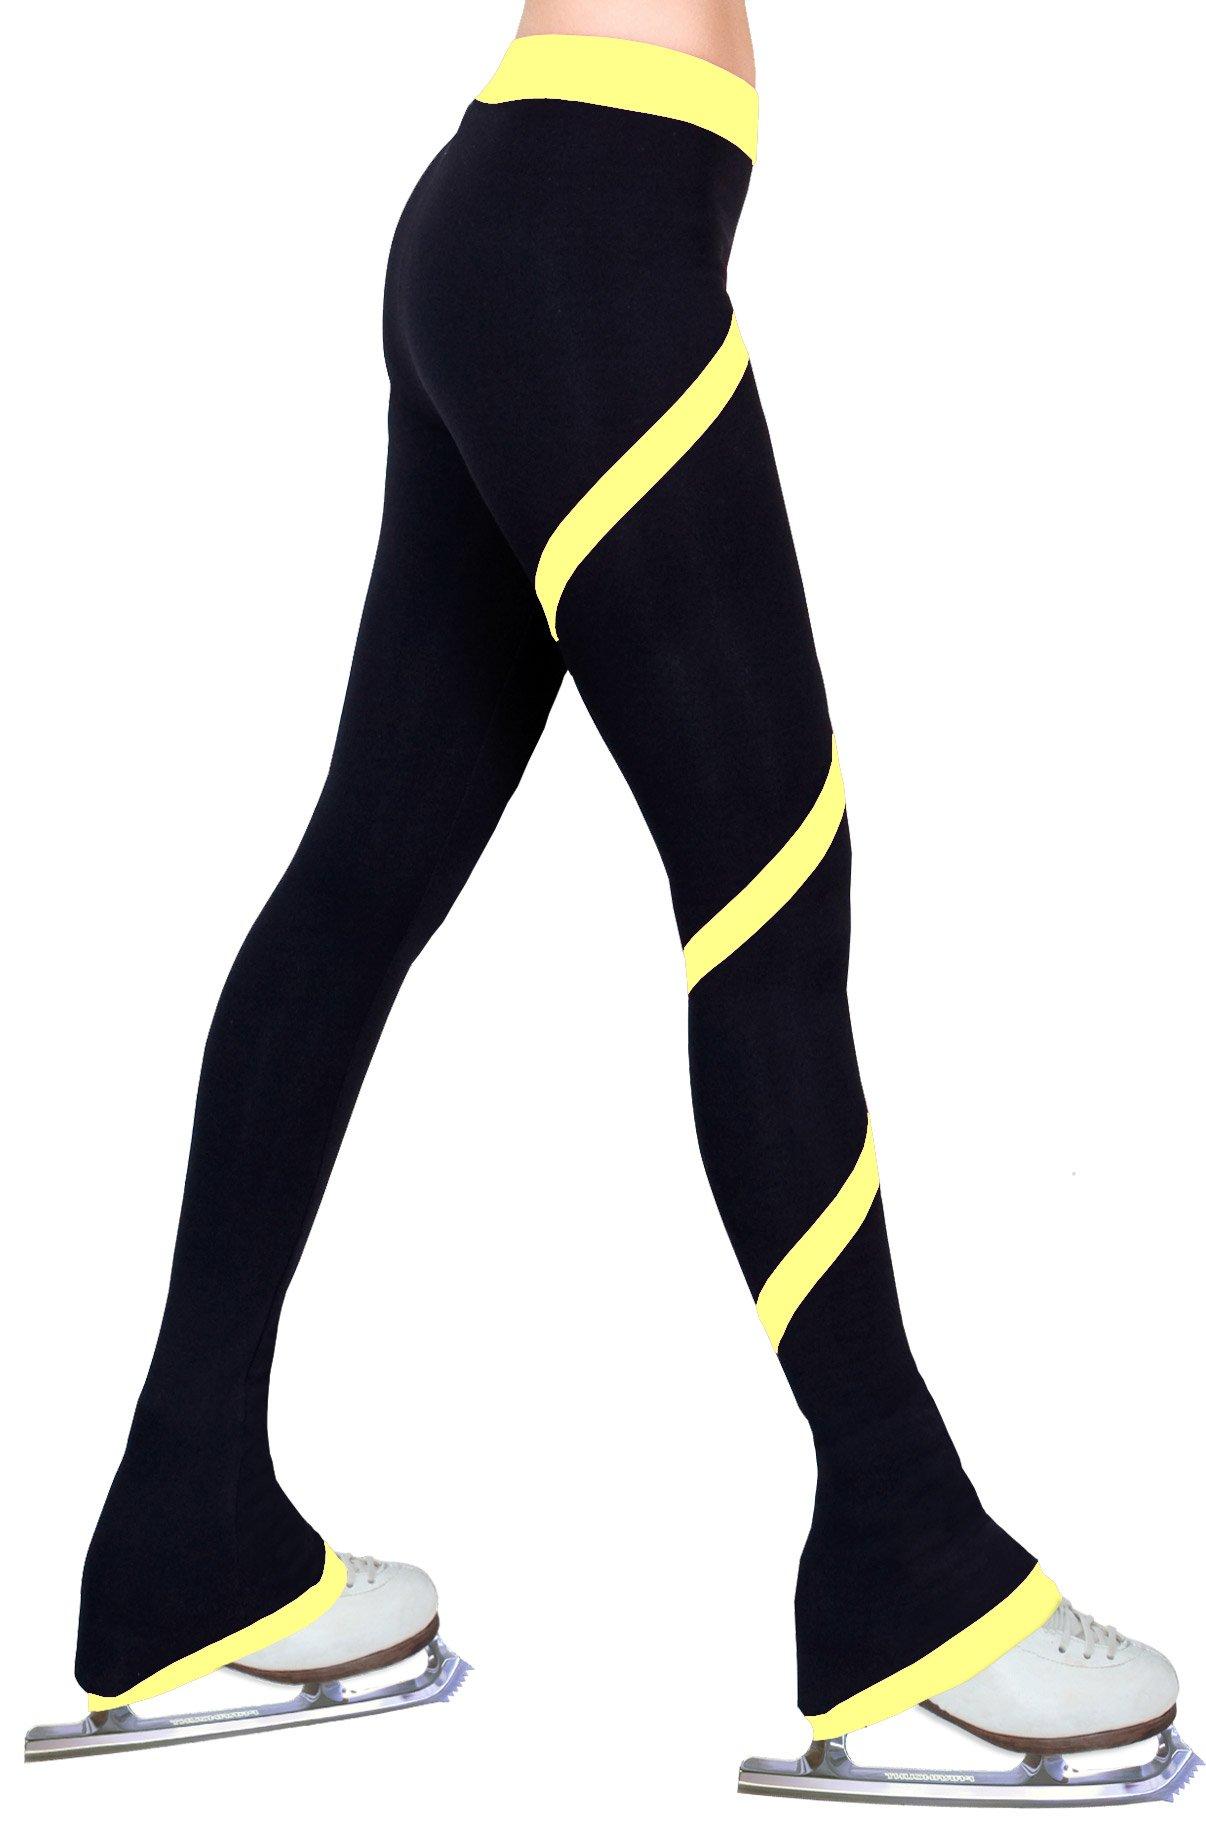 ny2 Sportswear Figure Skating Spiral Polartec Polar Fleece Pants (Yellow, Child Extra Small) by ny2 Sportswear